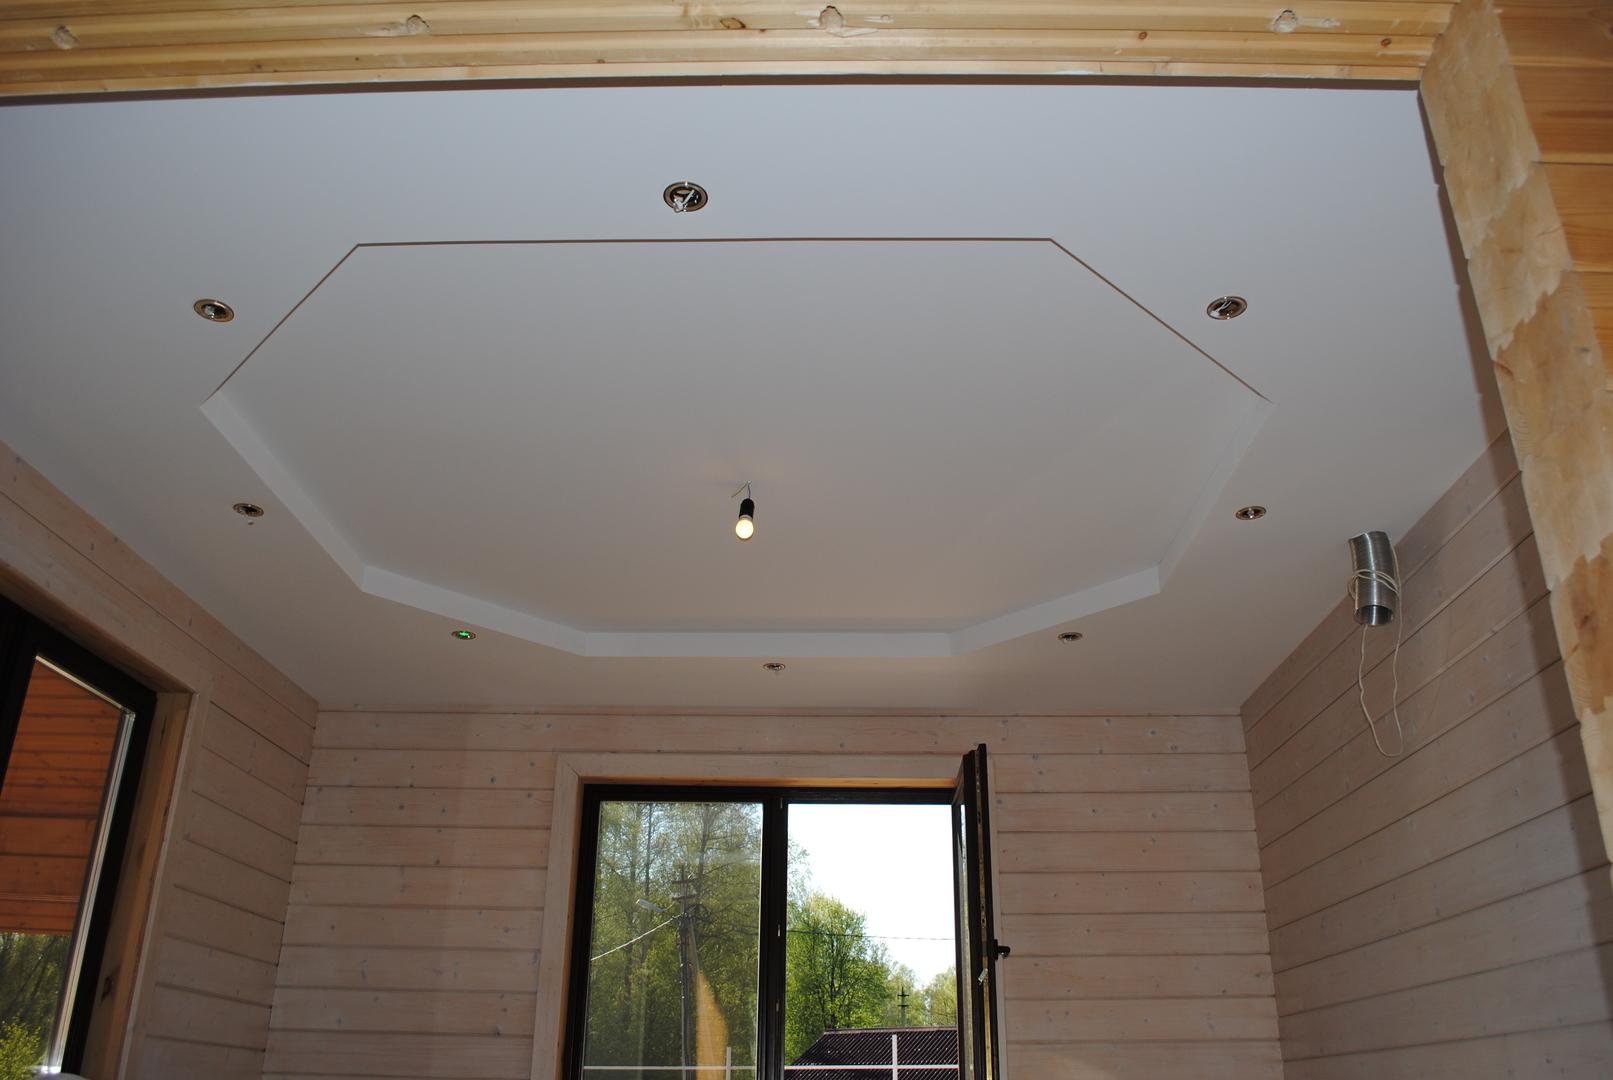 гипсокартон на потолок в деревенском доме фото идеальный вариант для